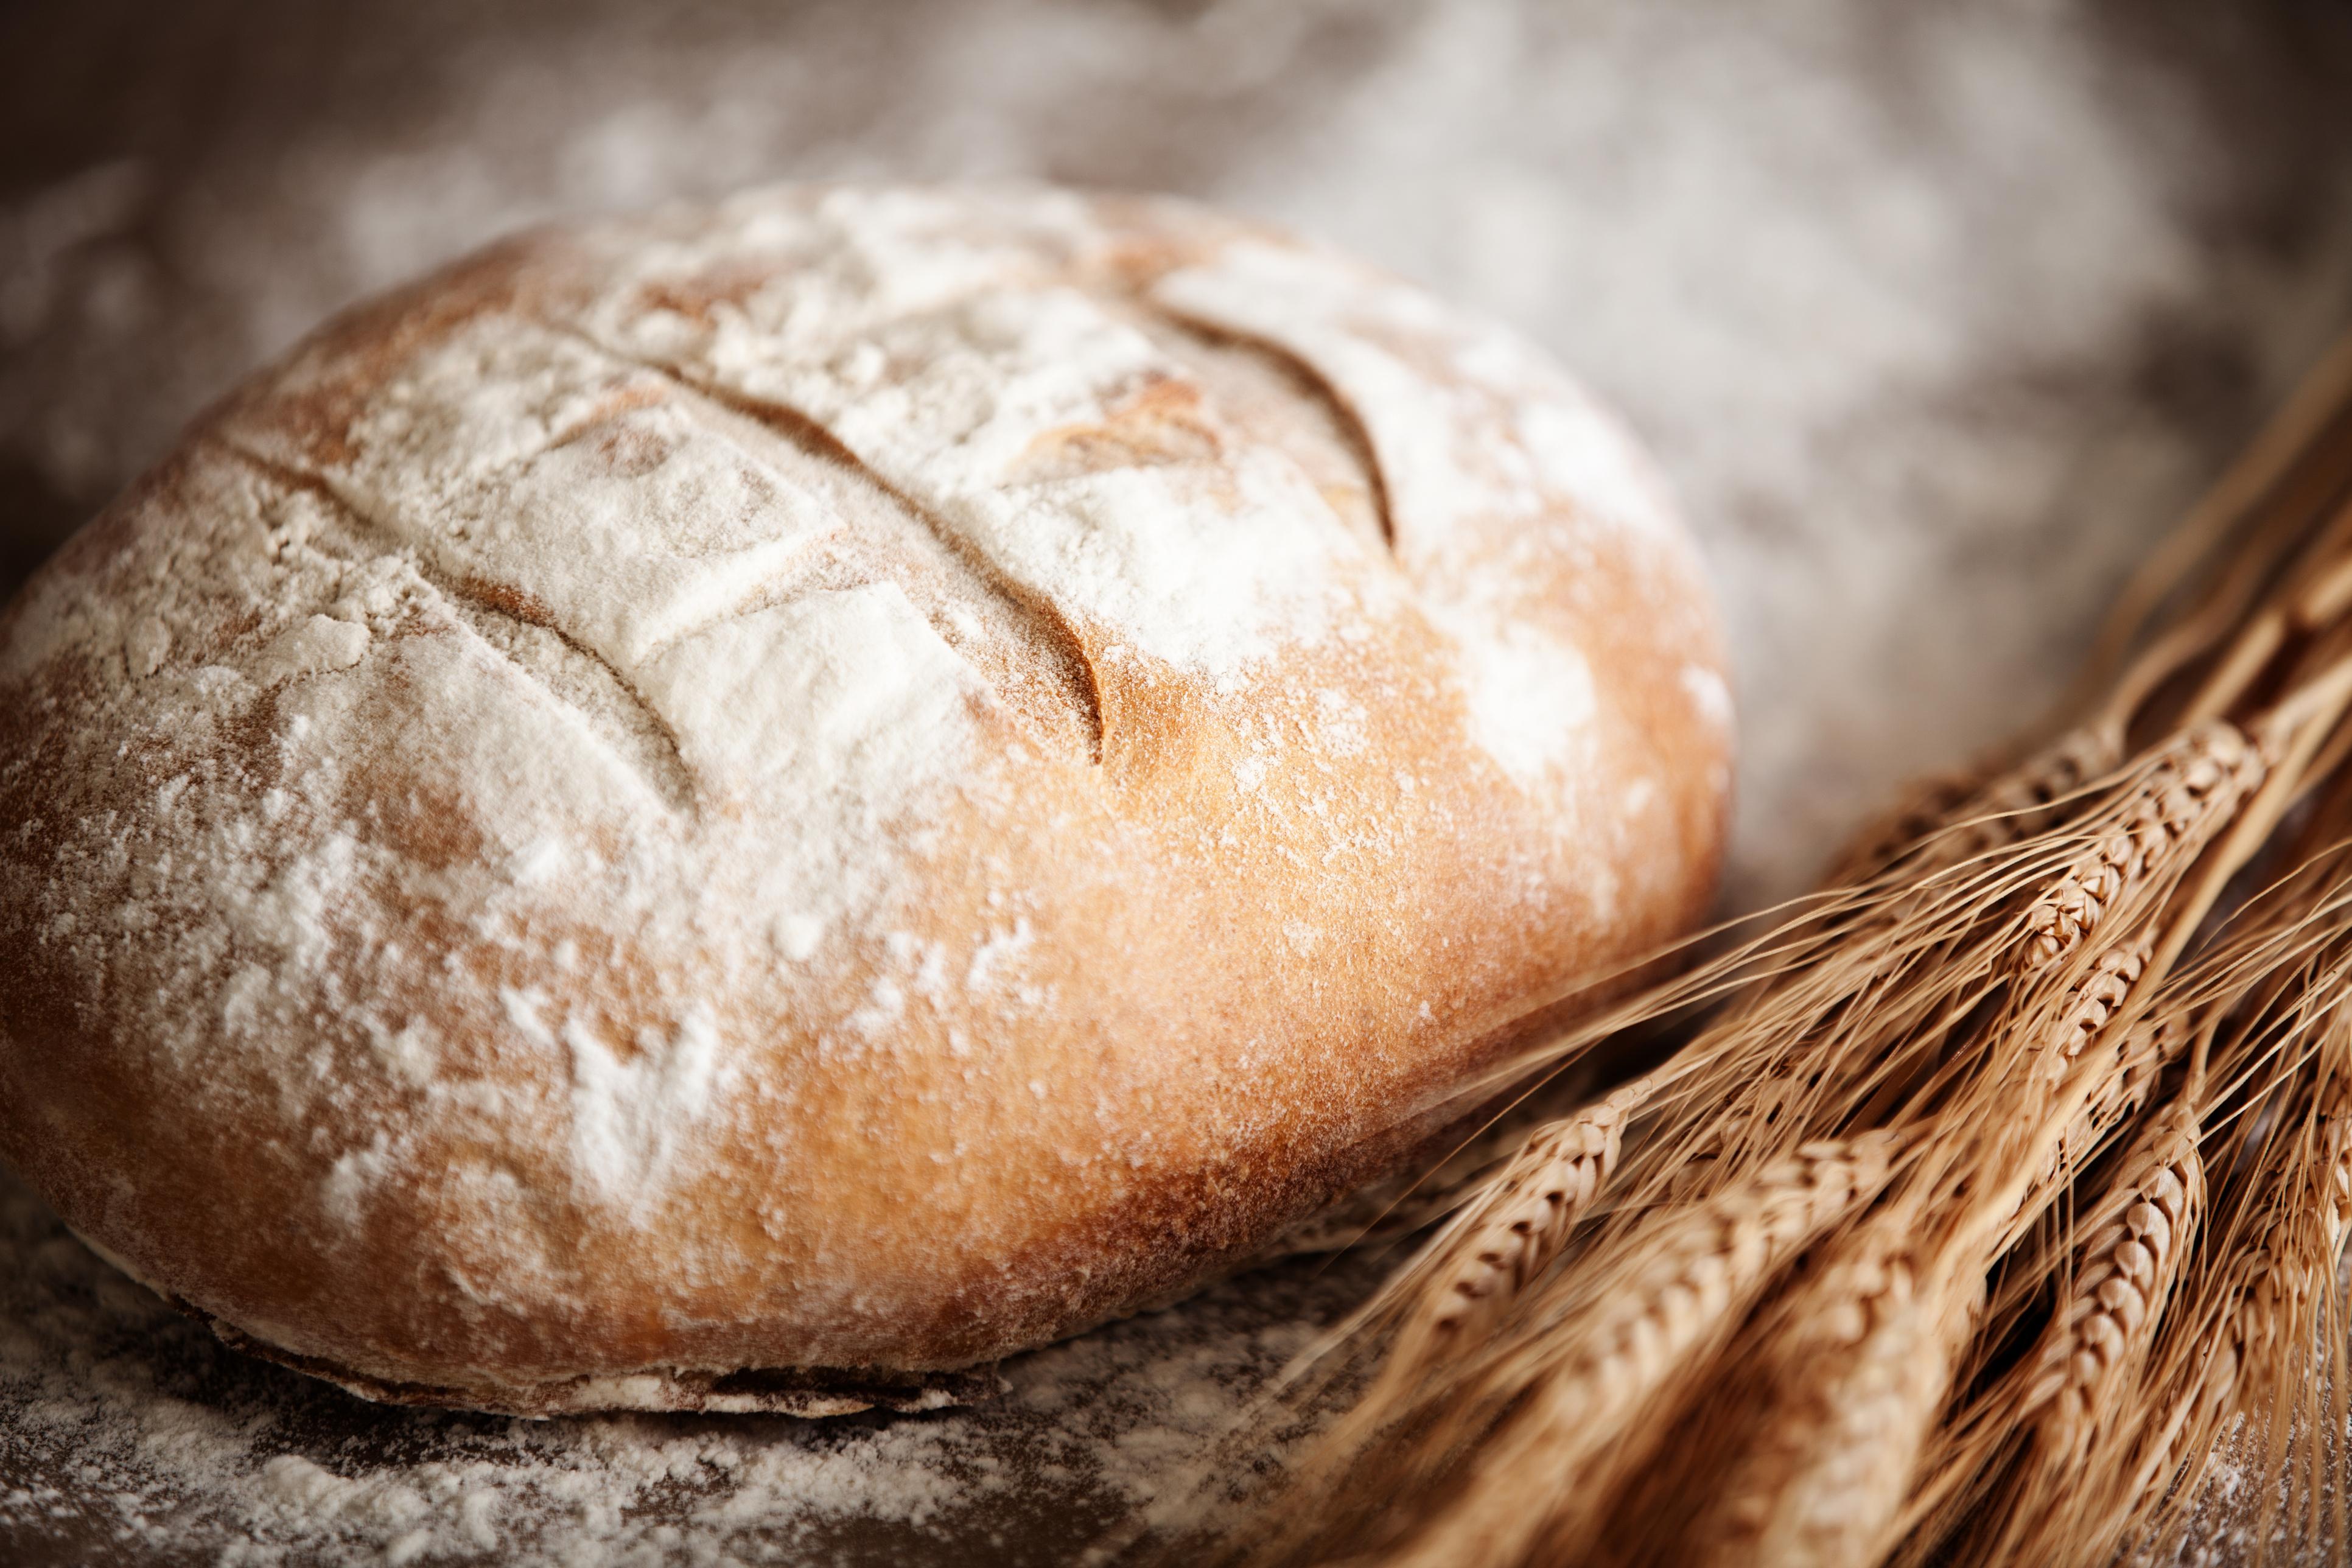 <p>Доста по-непопулярен метод е замразяването на цял хляб, след което (когато ви е нужен), го вадите от камерата и го слагате в загрята на 180-190 градуса фурна.&nbsp;Там&nbsp;той се изпича повторно за около 35-40 минути.&nbsp;Когато става въпрос за съхранение на хляб, трябва да имате предвид, че различните видове хляб имат различна трайност - от 2 дни до седмица. Не забравяйте и времето, което продуктът е прекарал в магазина и винаги поглеждайте срока на годност.</p>